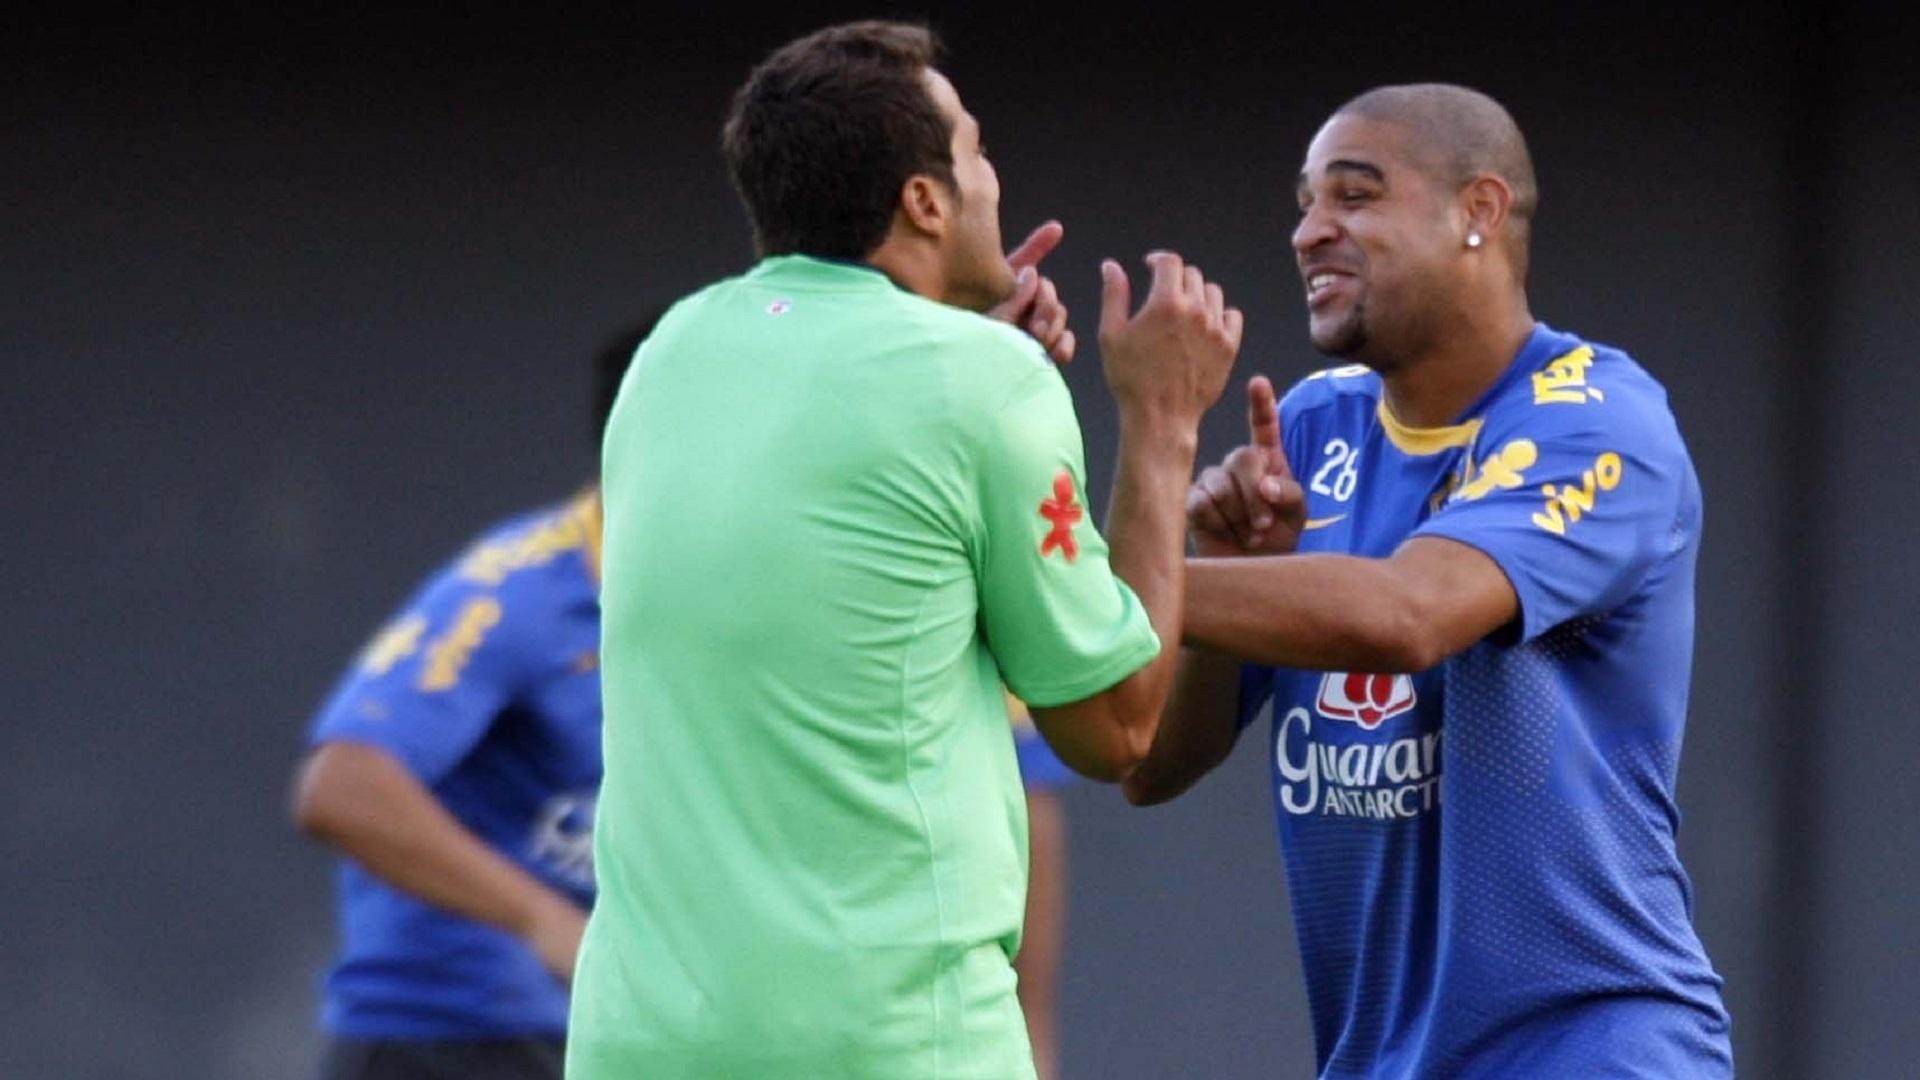 Júlio César e Adriano se divertem durante treino da seleção brasileira nas Eliminatórias para a Copa de 2010